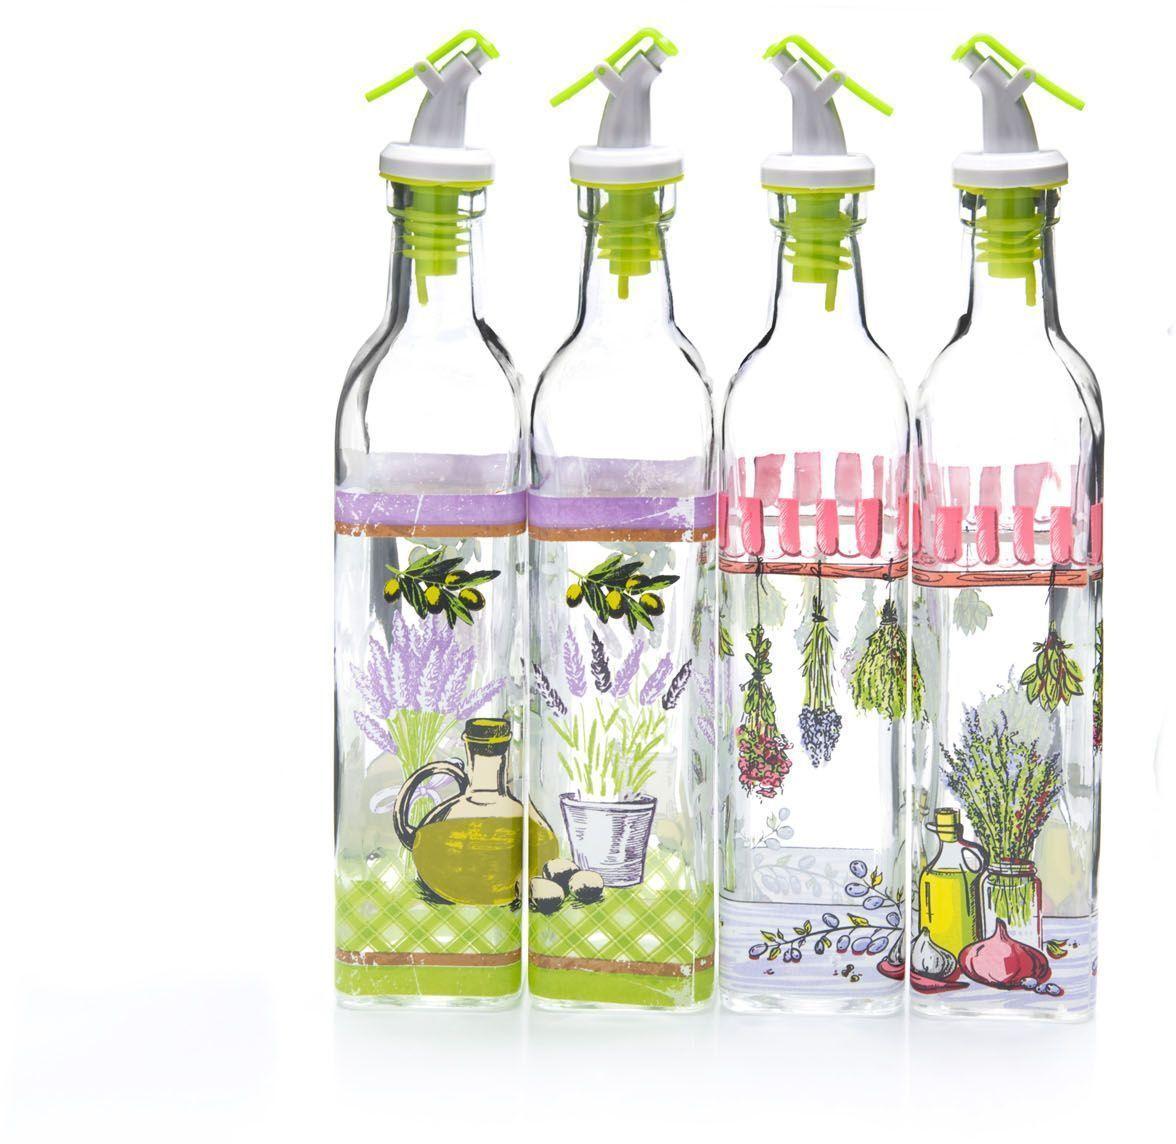 Бутылка для масла Mayer&Boch, 500 мл . 2667326673Бутылка для масла/уксуса выполнена из высококачественного стекла и декорирована красочным рисунком. Объем бутылки 400 мл. Изделие предназначено для хранения и использования различных растительных масел и уксусов. Пластиковая пробка снабжена клапаном с функцией «анти-капля», не допускающим пролива, поэтому вы сможете налить из бутылки ровно столько масла или уксуса, сколько необходимо, не уронив при этом ни одной лишней капли. Оригинальность оформления бутылки украсит любую кухню и послужит отличным подарком! Изделие обладает гладкой непористой поверхностью, не впитывает запахи, легко моется.